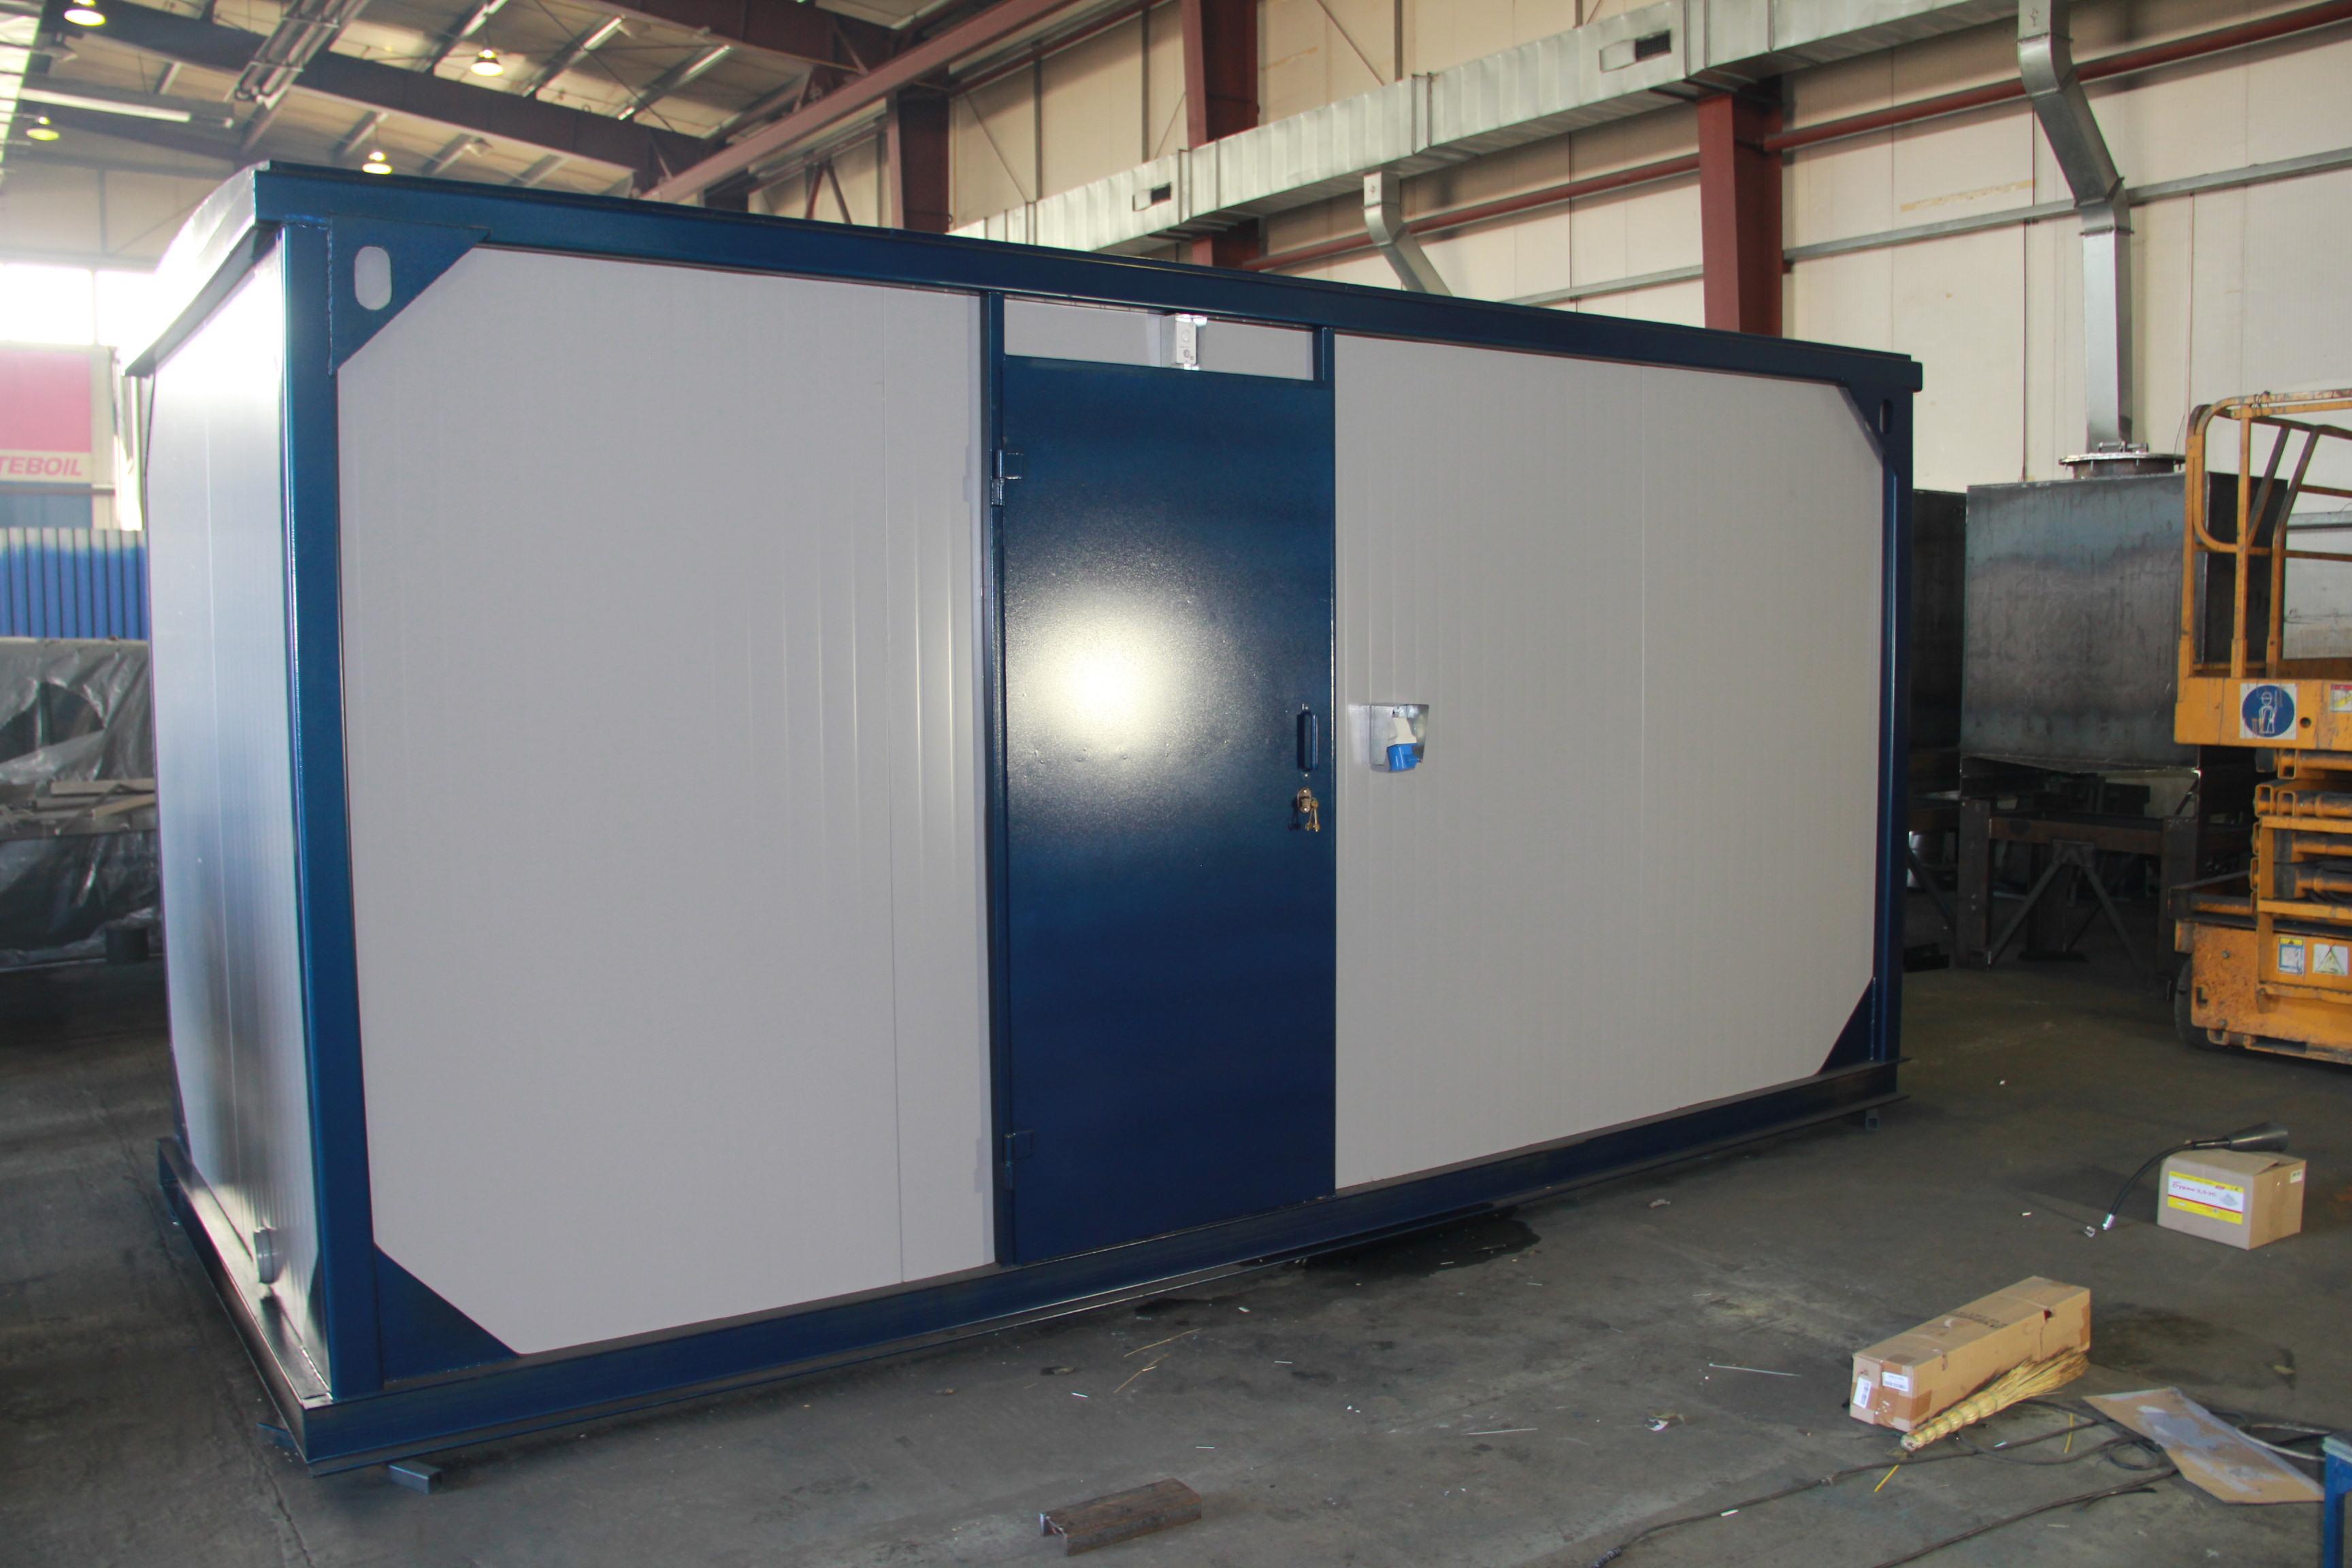 Внешний вид IVECO АД-400С-Т400-2РНИ с АВР в контейнере